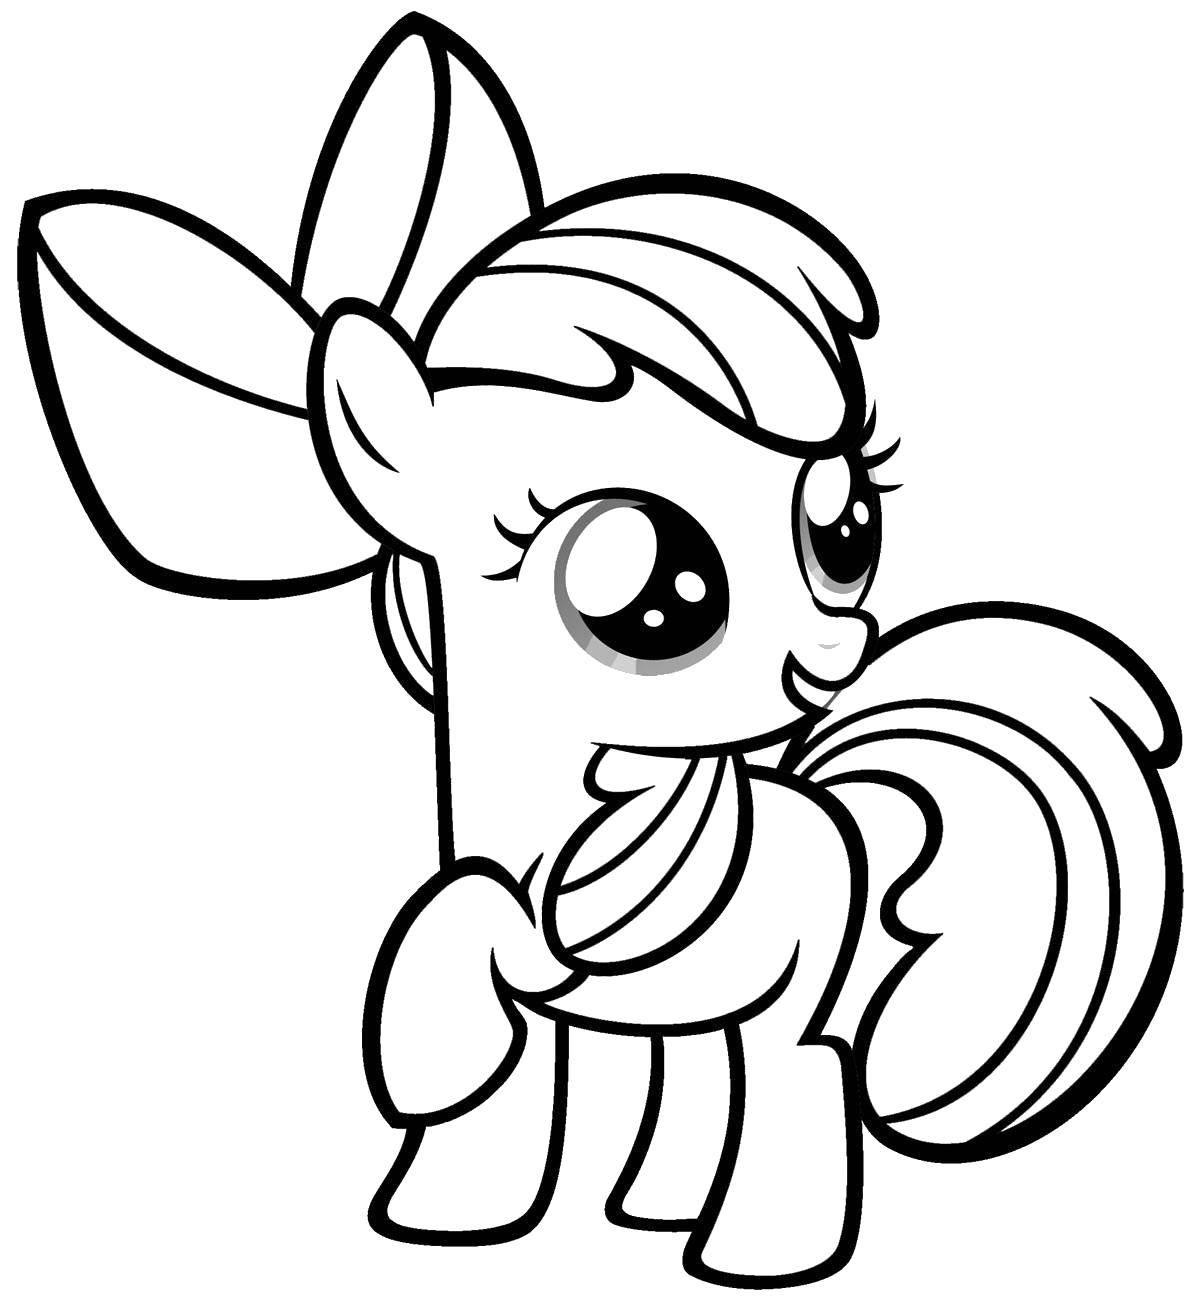 Раскраска мой маленький пони Скачать мультфильмы, черепашки ниндзя.  Распечатать ,черепашки ниндзя,